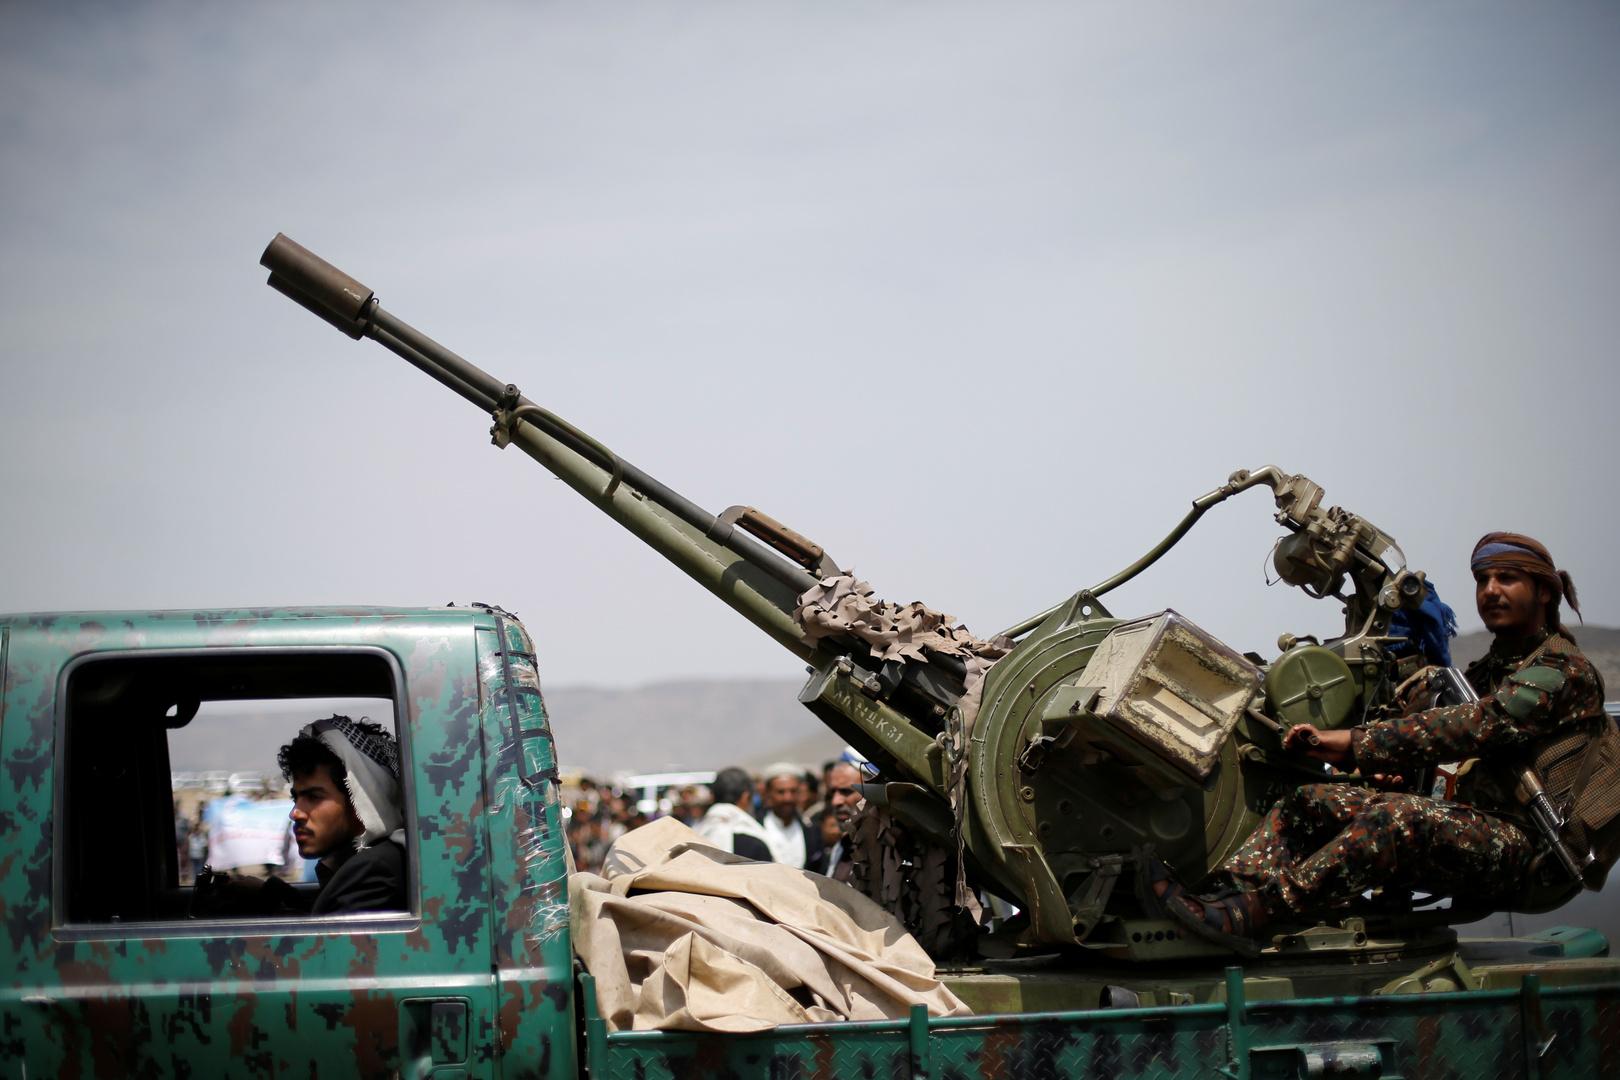 قوات هادي تعلن عن تقدم ميداني واسع في مأرب والحوثيون يكشفون نتائج عملية جديدة في البيضاء